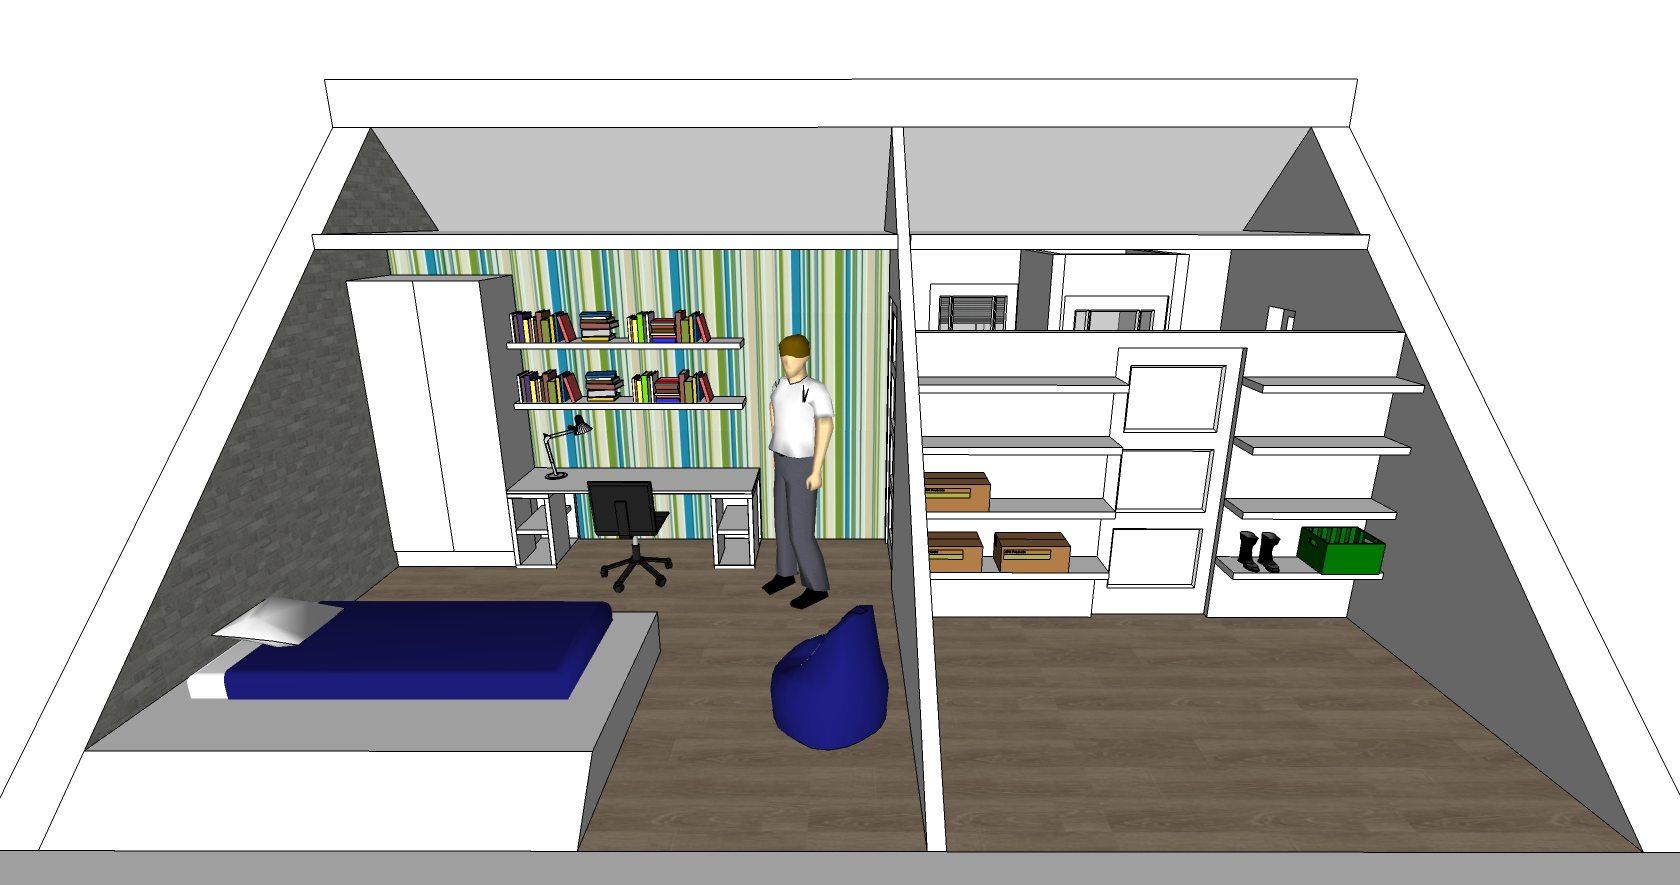 offiz-hoomz-interieuradvies-zeist-slaapkamer-zolder-3d-impressie1